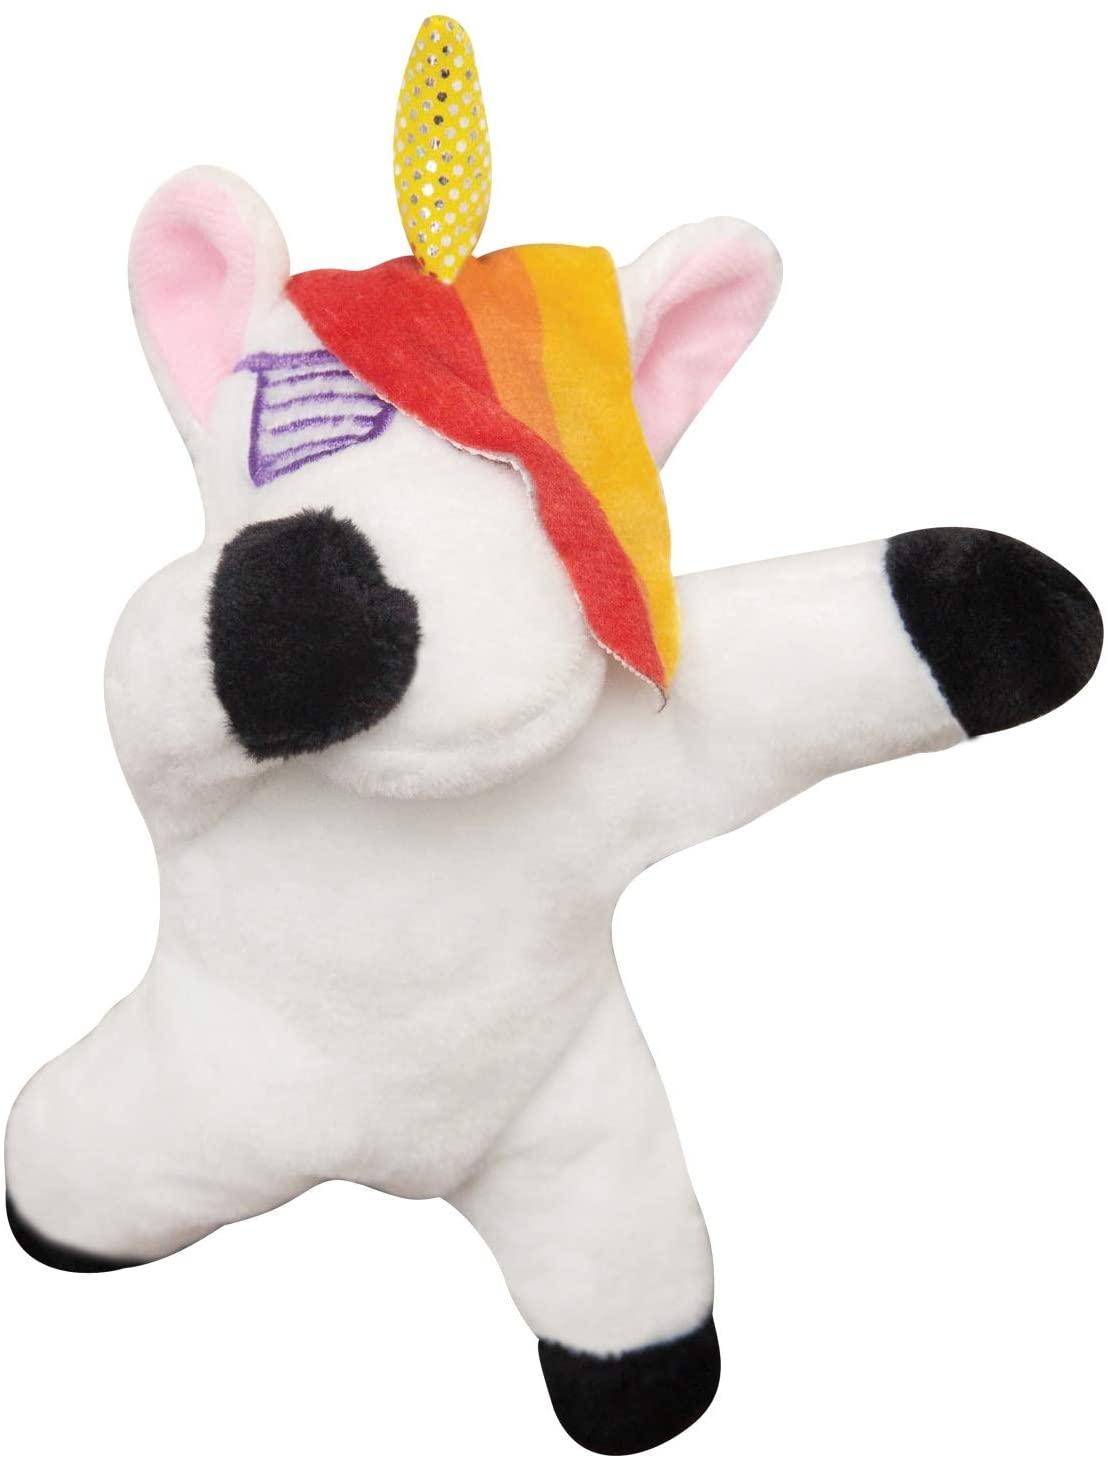 Snugarooz Baby Dab the Unicorn Dog Toy, 6.5-in